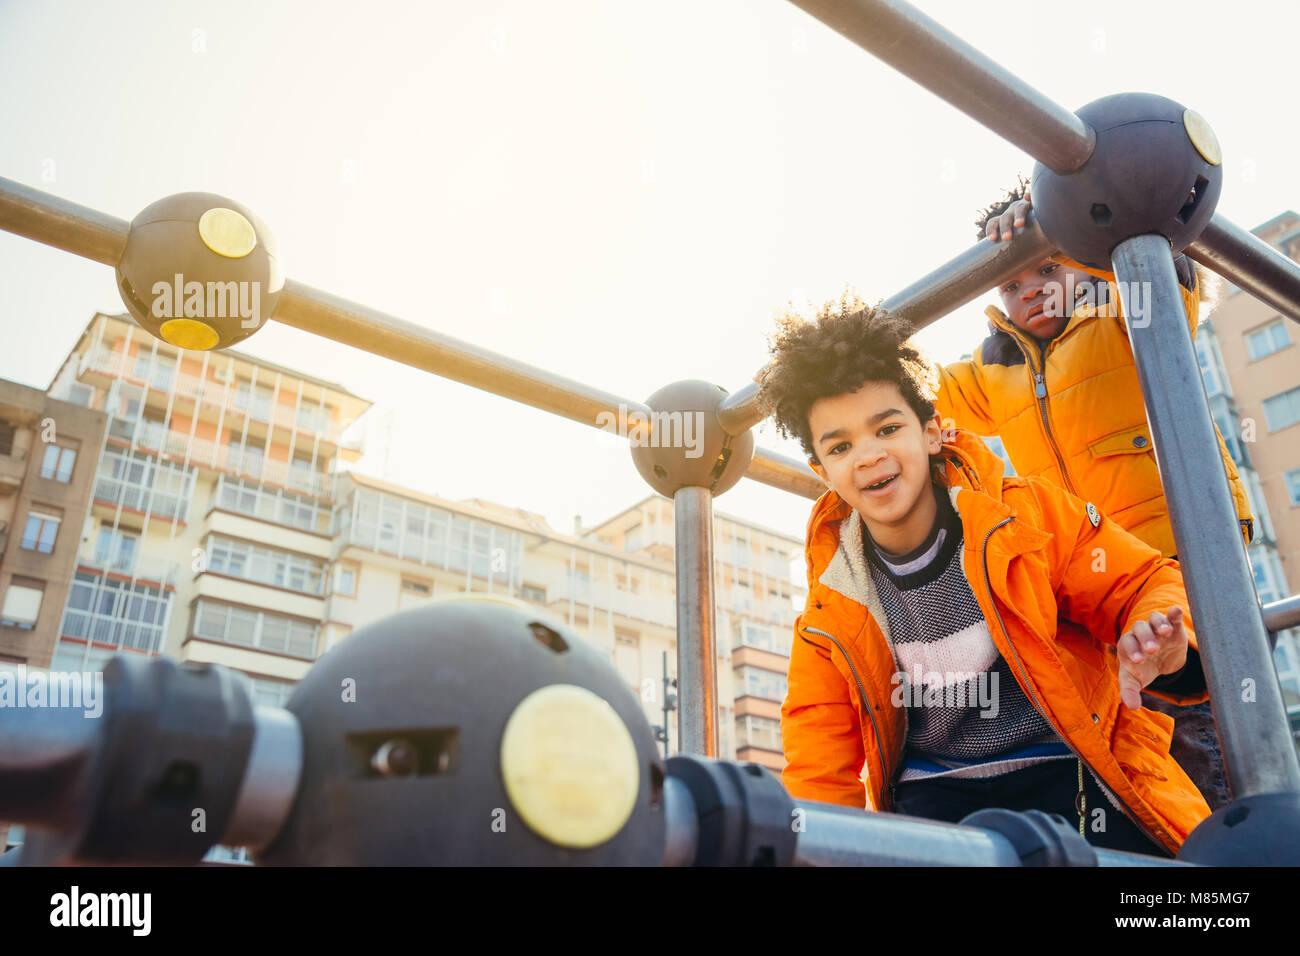 Dei bambini felici di arrampicata in un parco giochi urbano la costruzione in una giornata di sole Immagini Stock